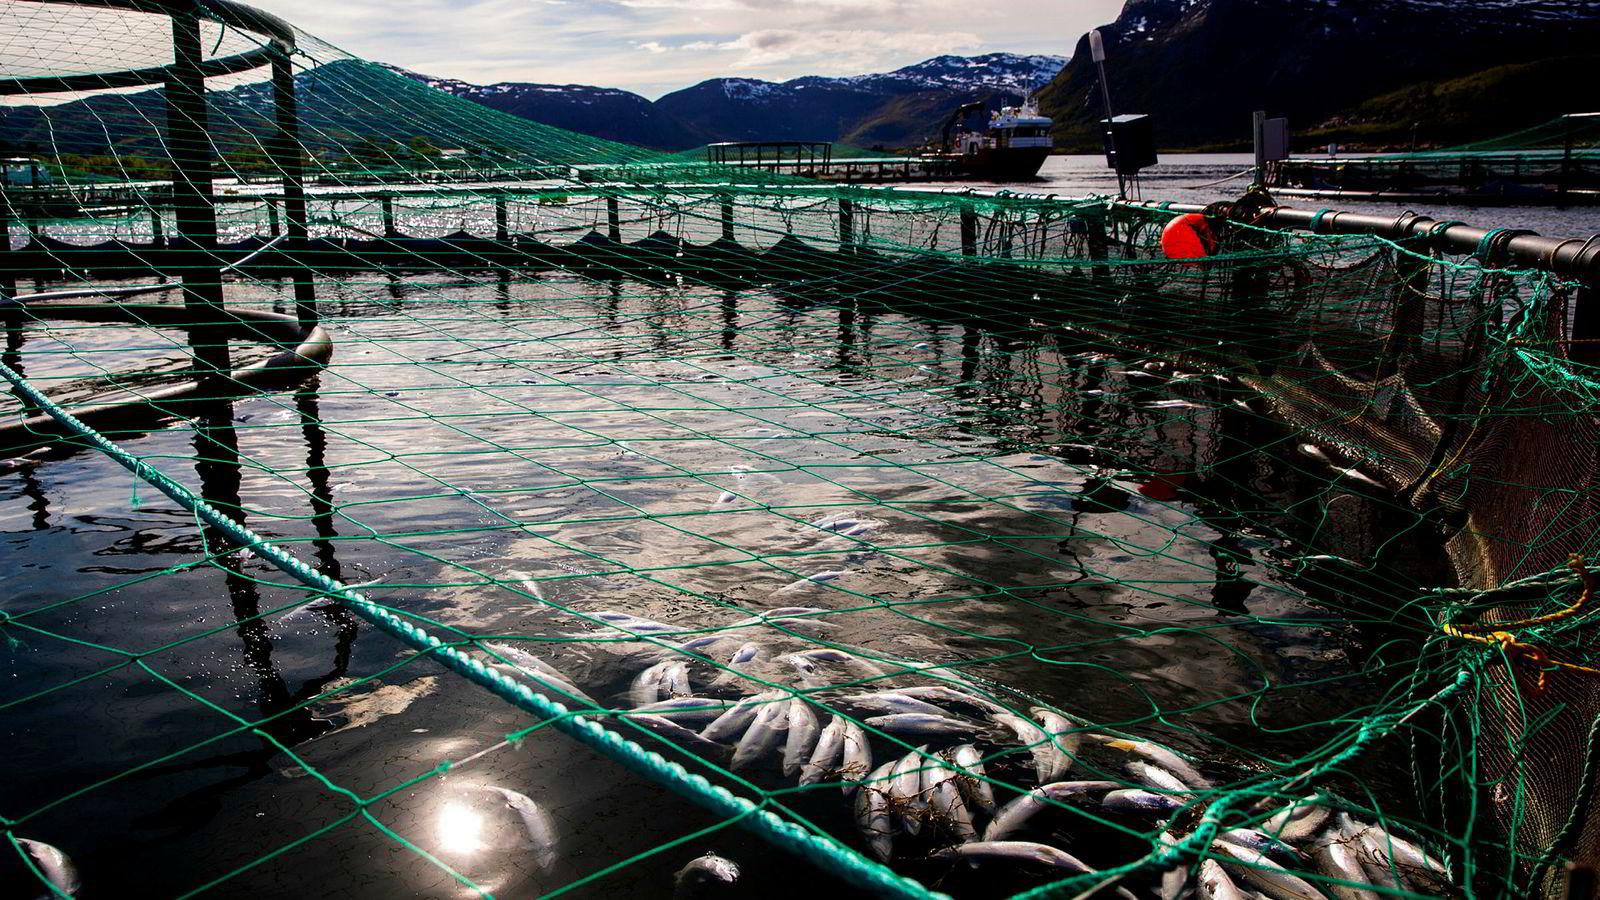 Nær 8 millioner laks er døde som følge av dødsalgene, noe som har ført til milliontap for oppdrettere. Tirsdag ble det funnet død fisk i tre nye anlegg i Troms.